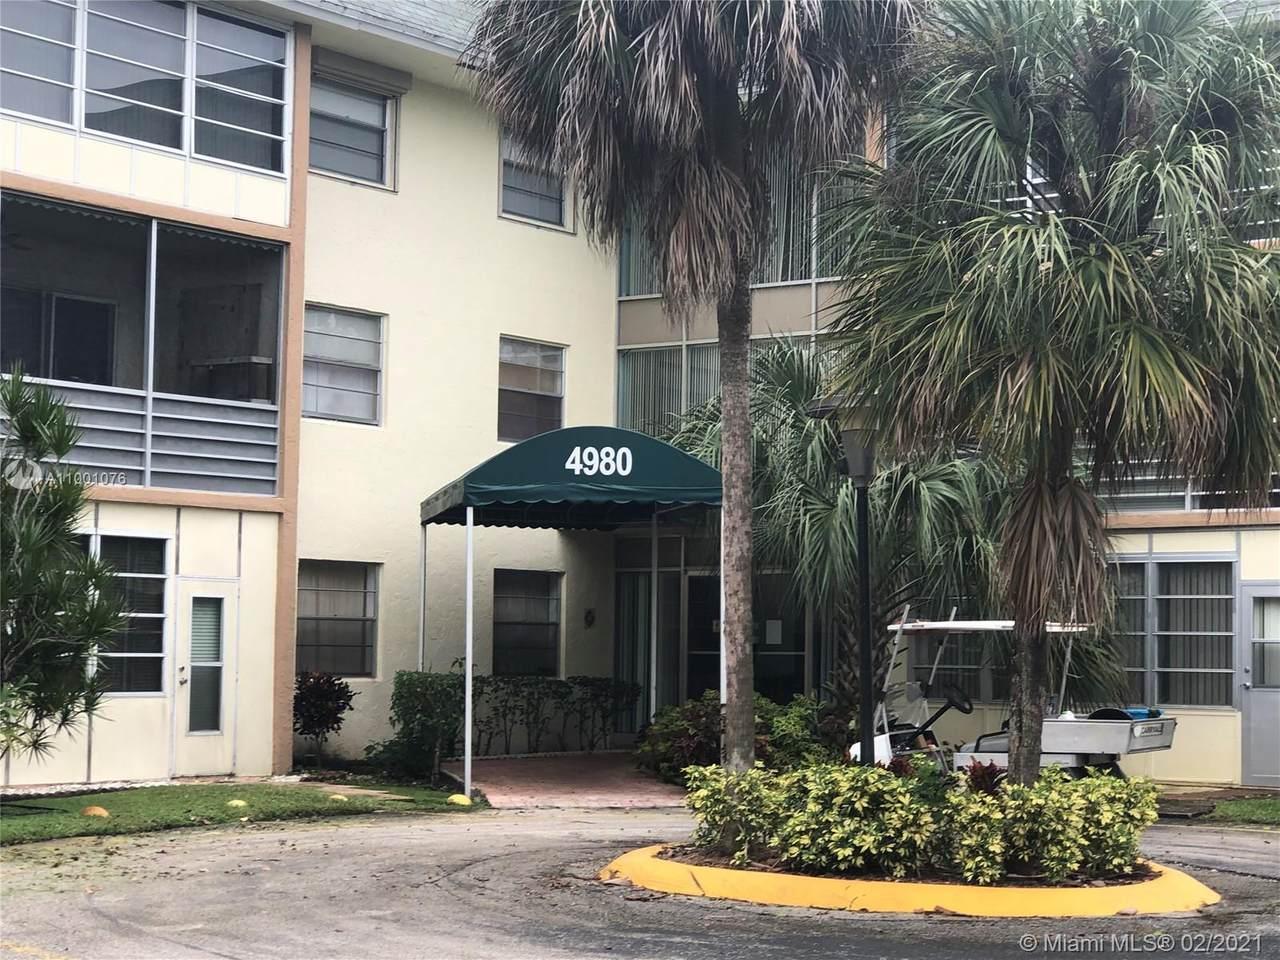 4980 Sabal Palm Blvd - Photo 1